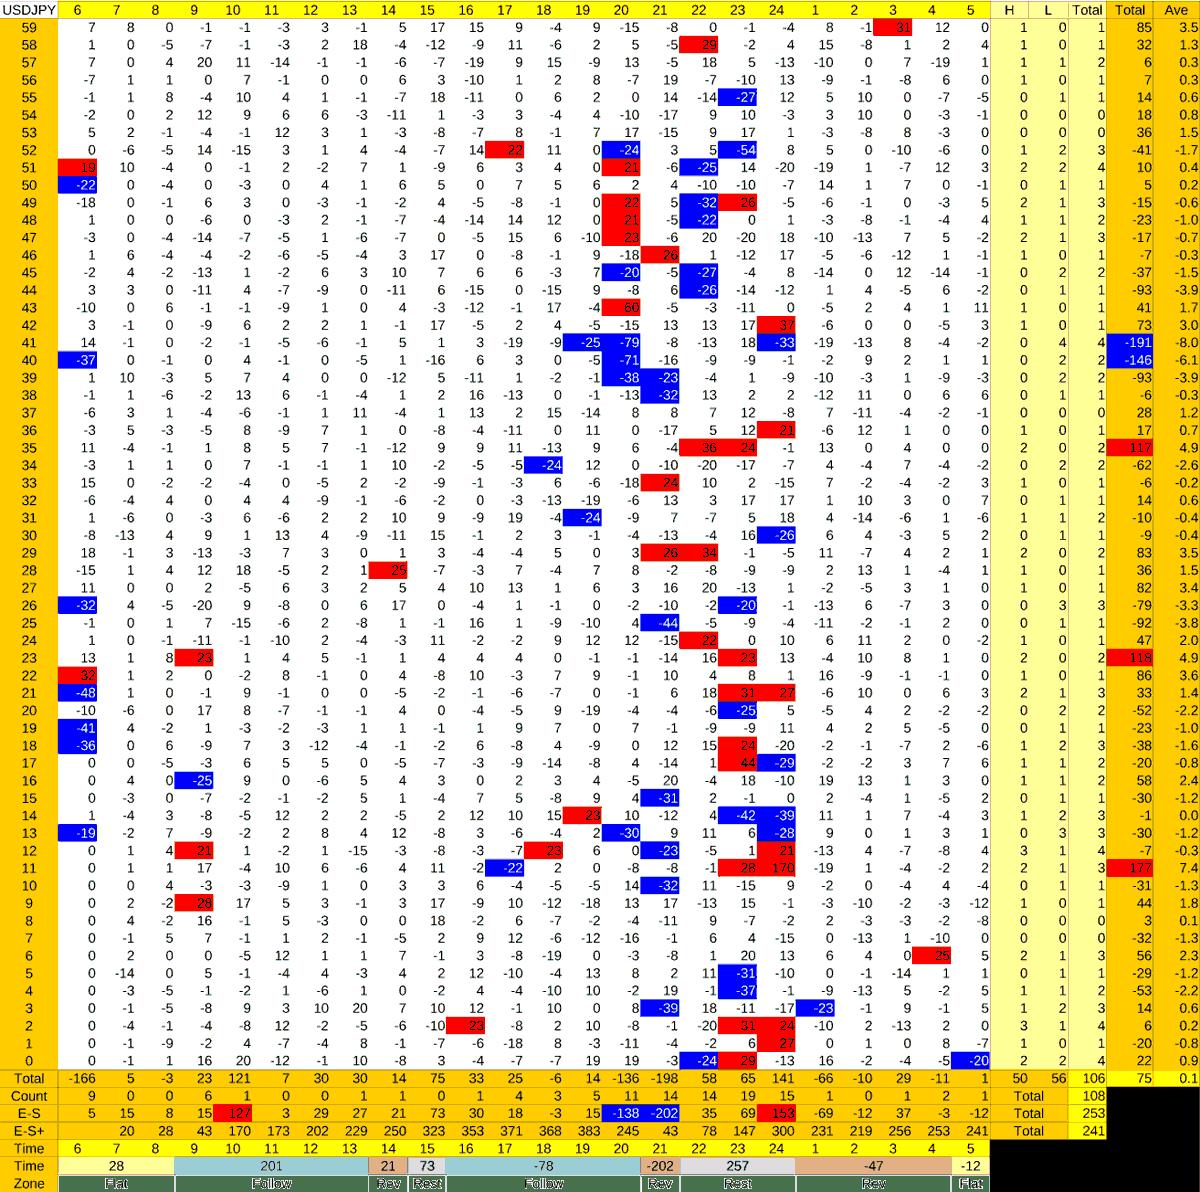 20210504_HS(1)USDJPY